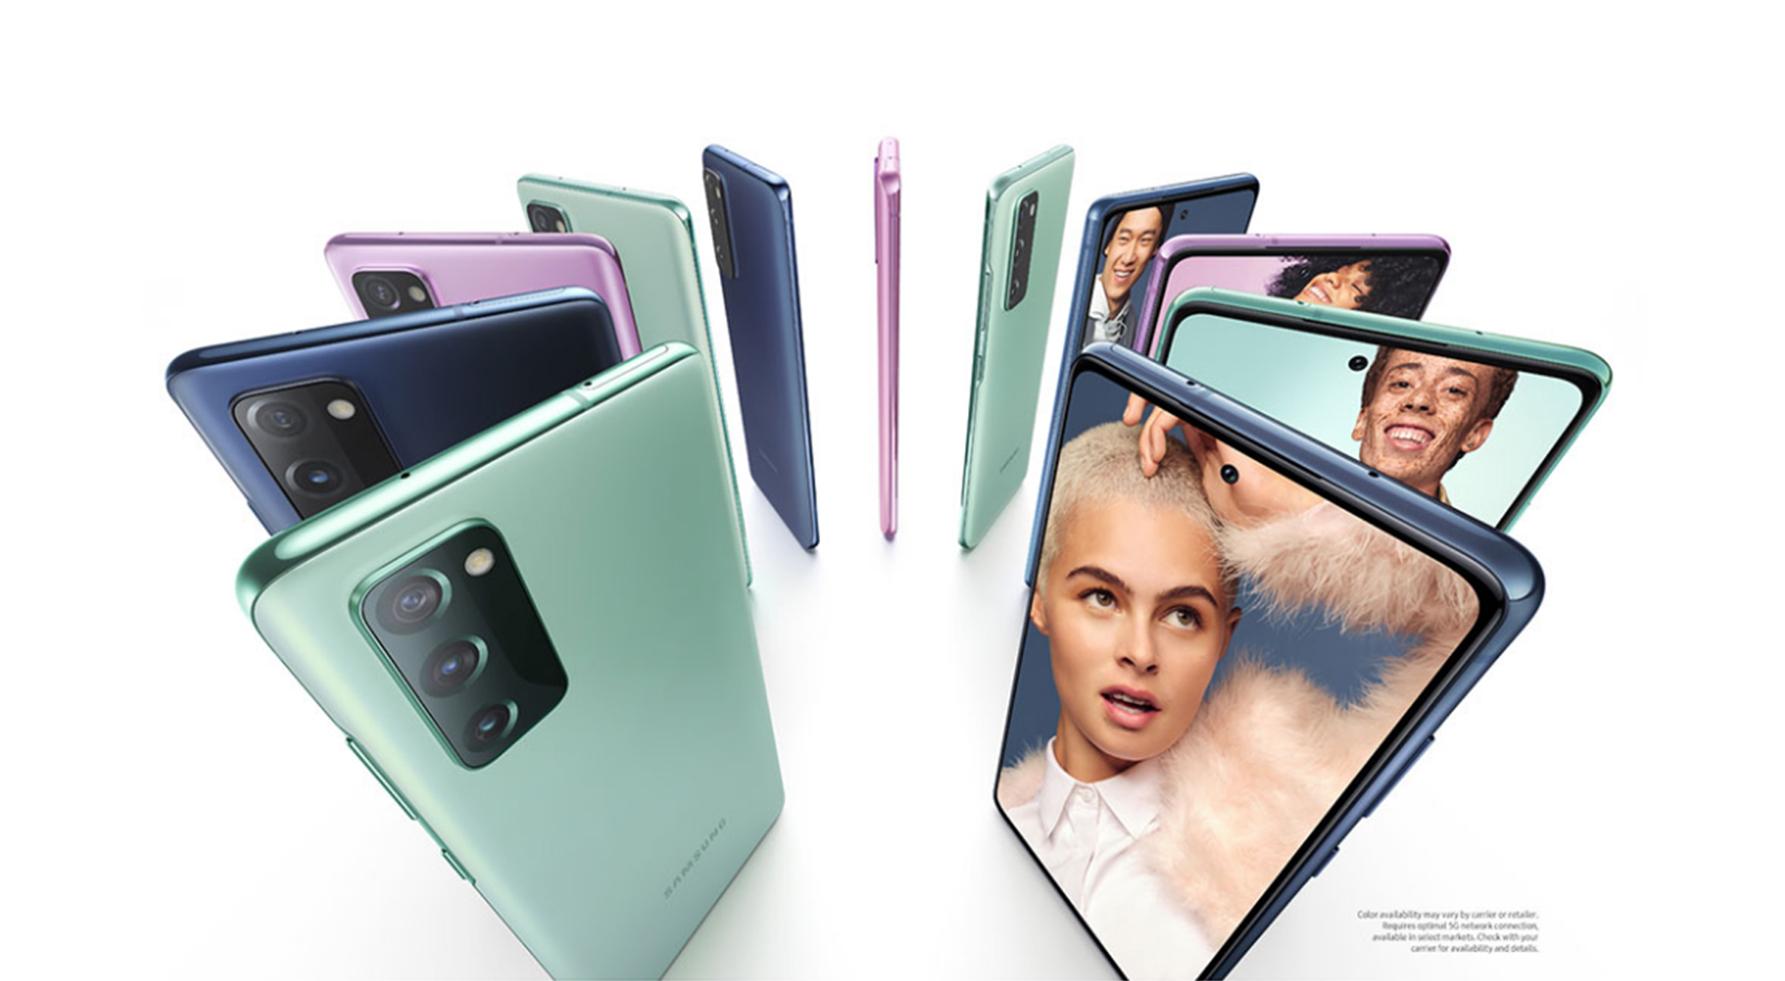 Samsung Galaxy S20 FE officialisé : l'entrée de gamme qui manquait à la série